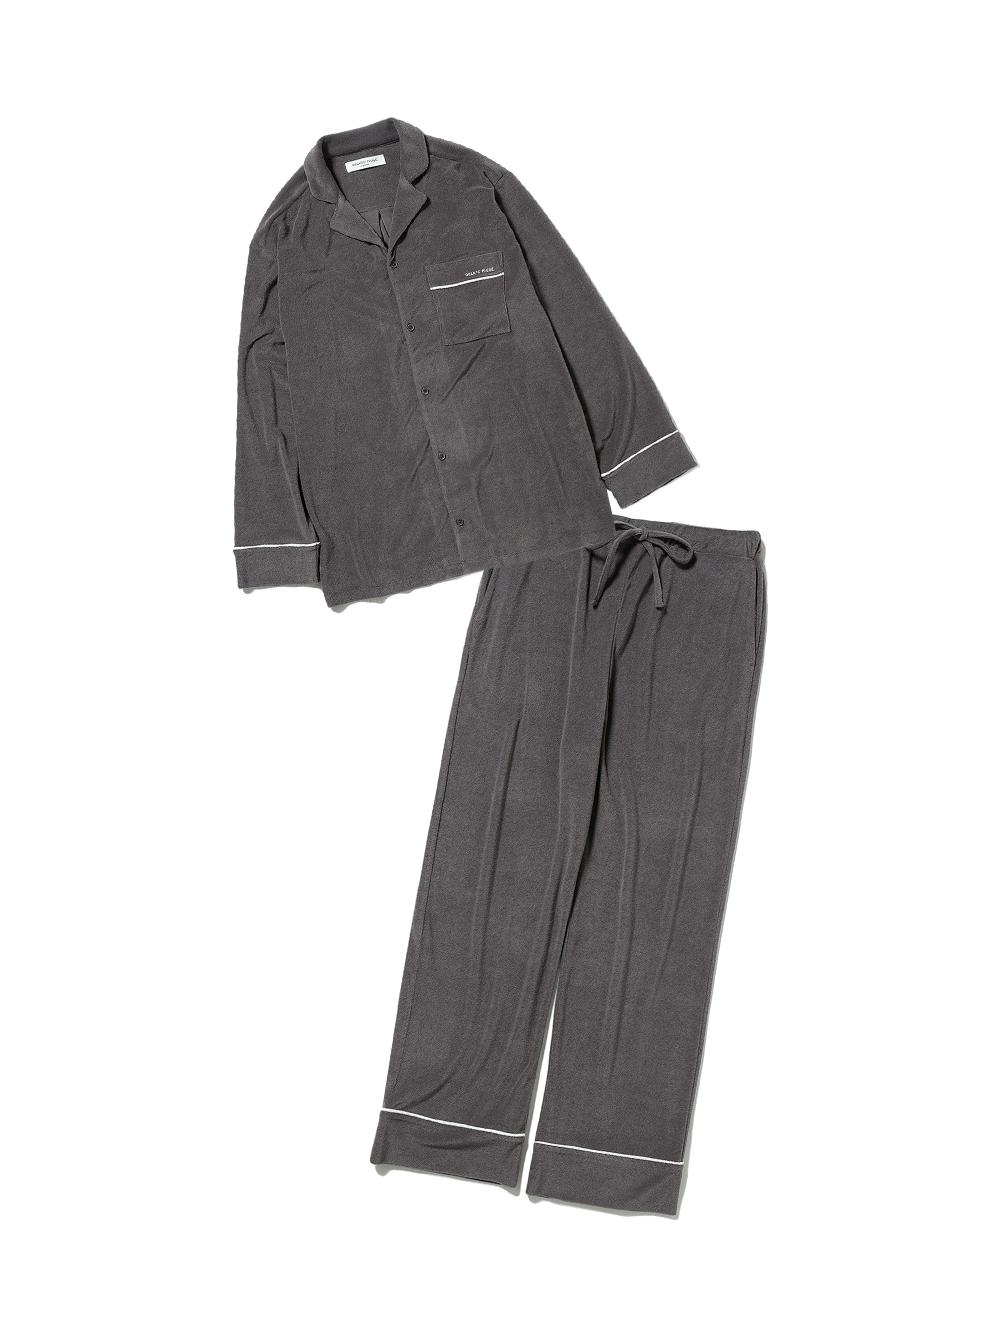 【ラッピング】【HOMME】パイルシャツ&ロングパンツSET(DGRY-M)